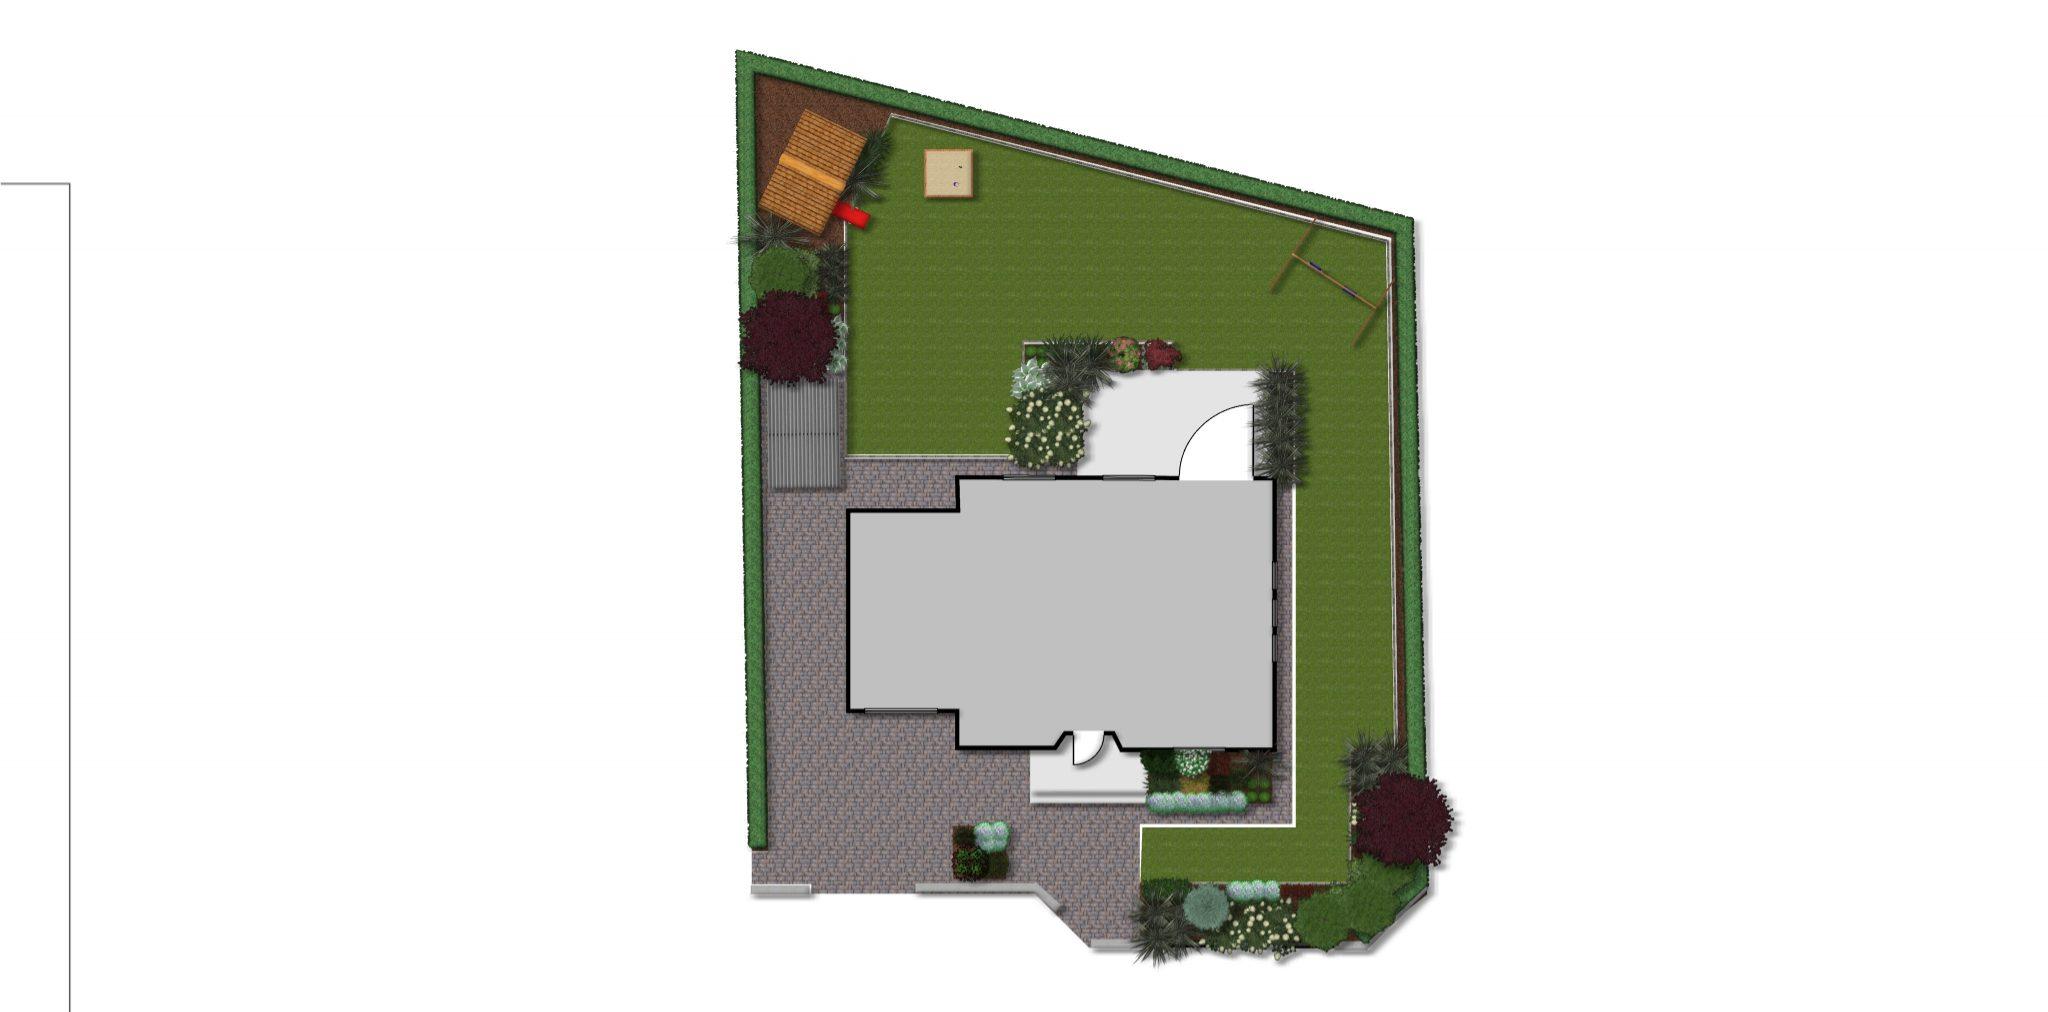 Dobry Ogród Ogród przy stawach projekt